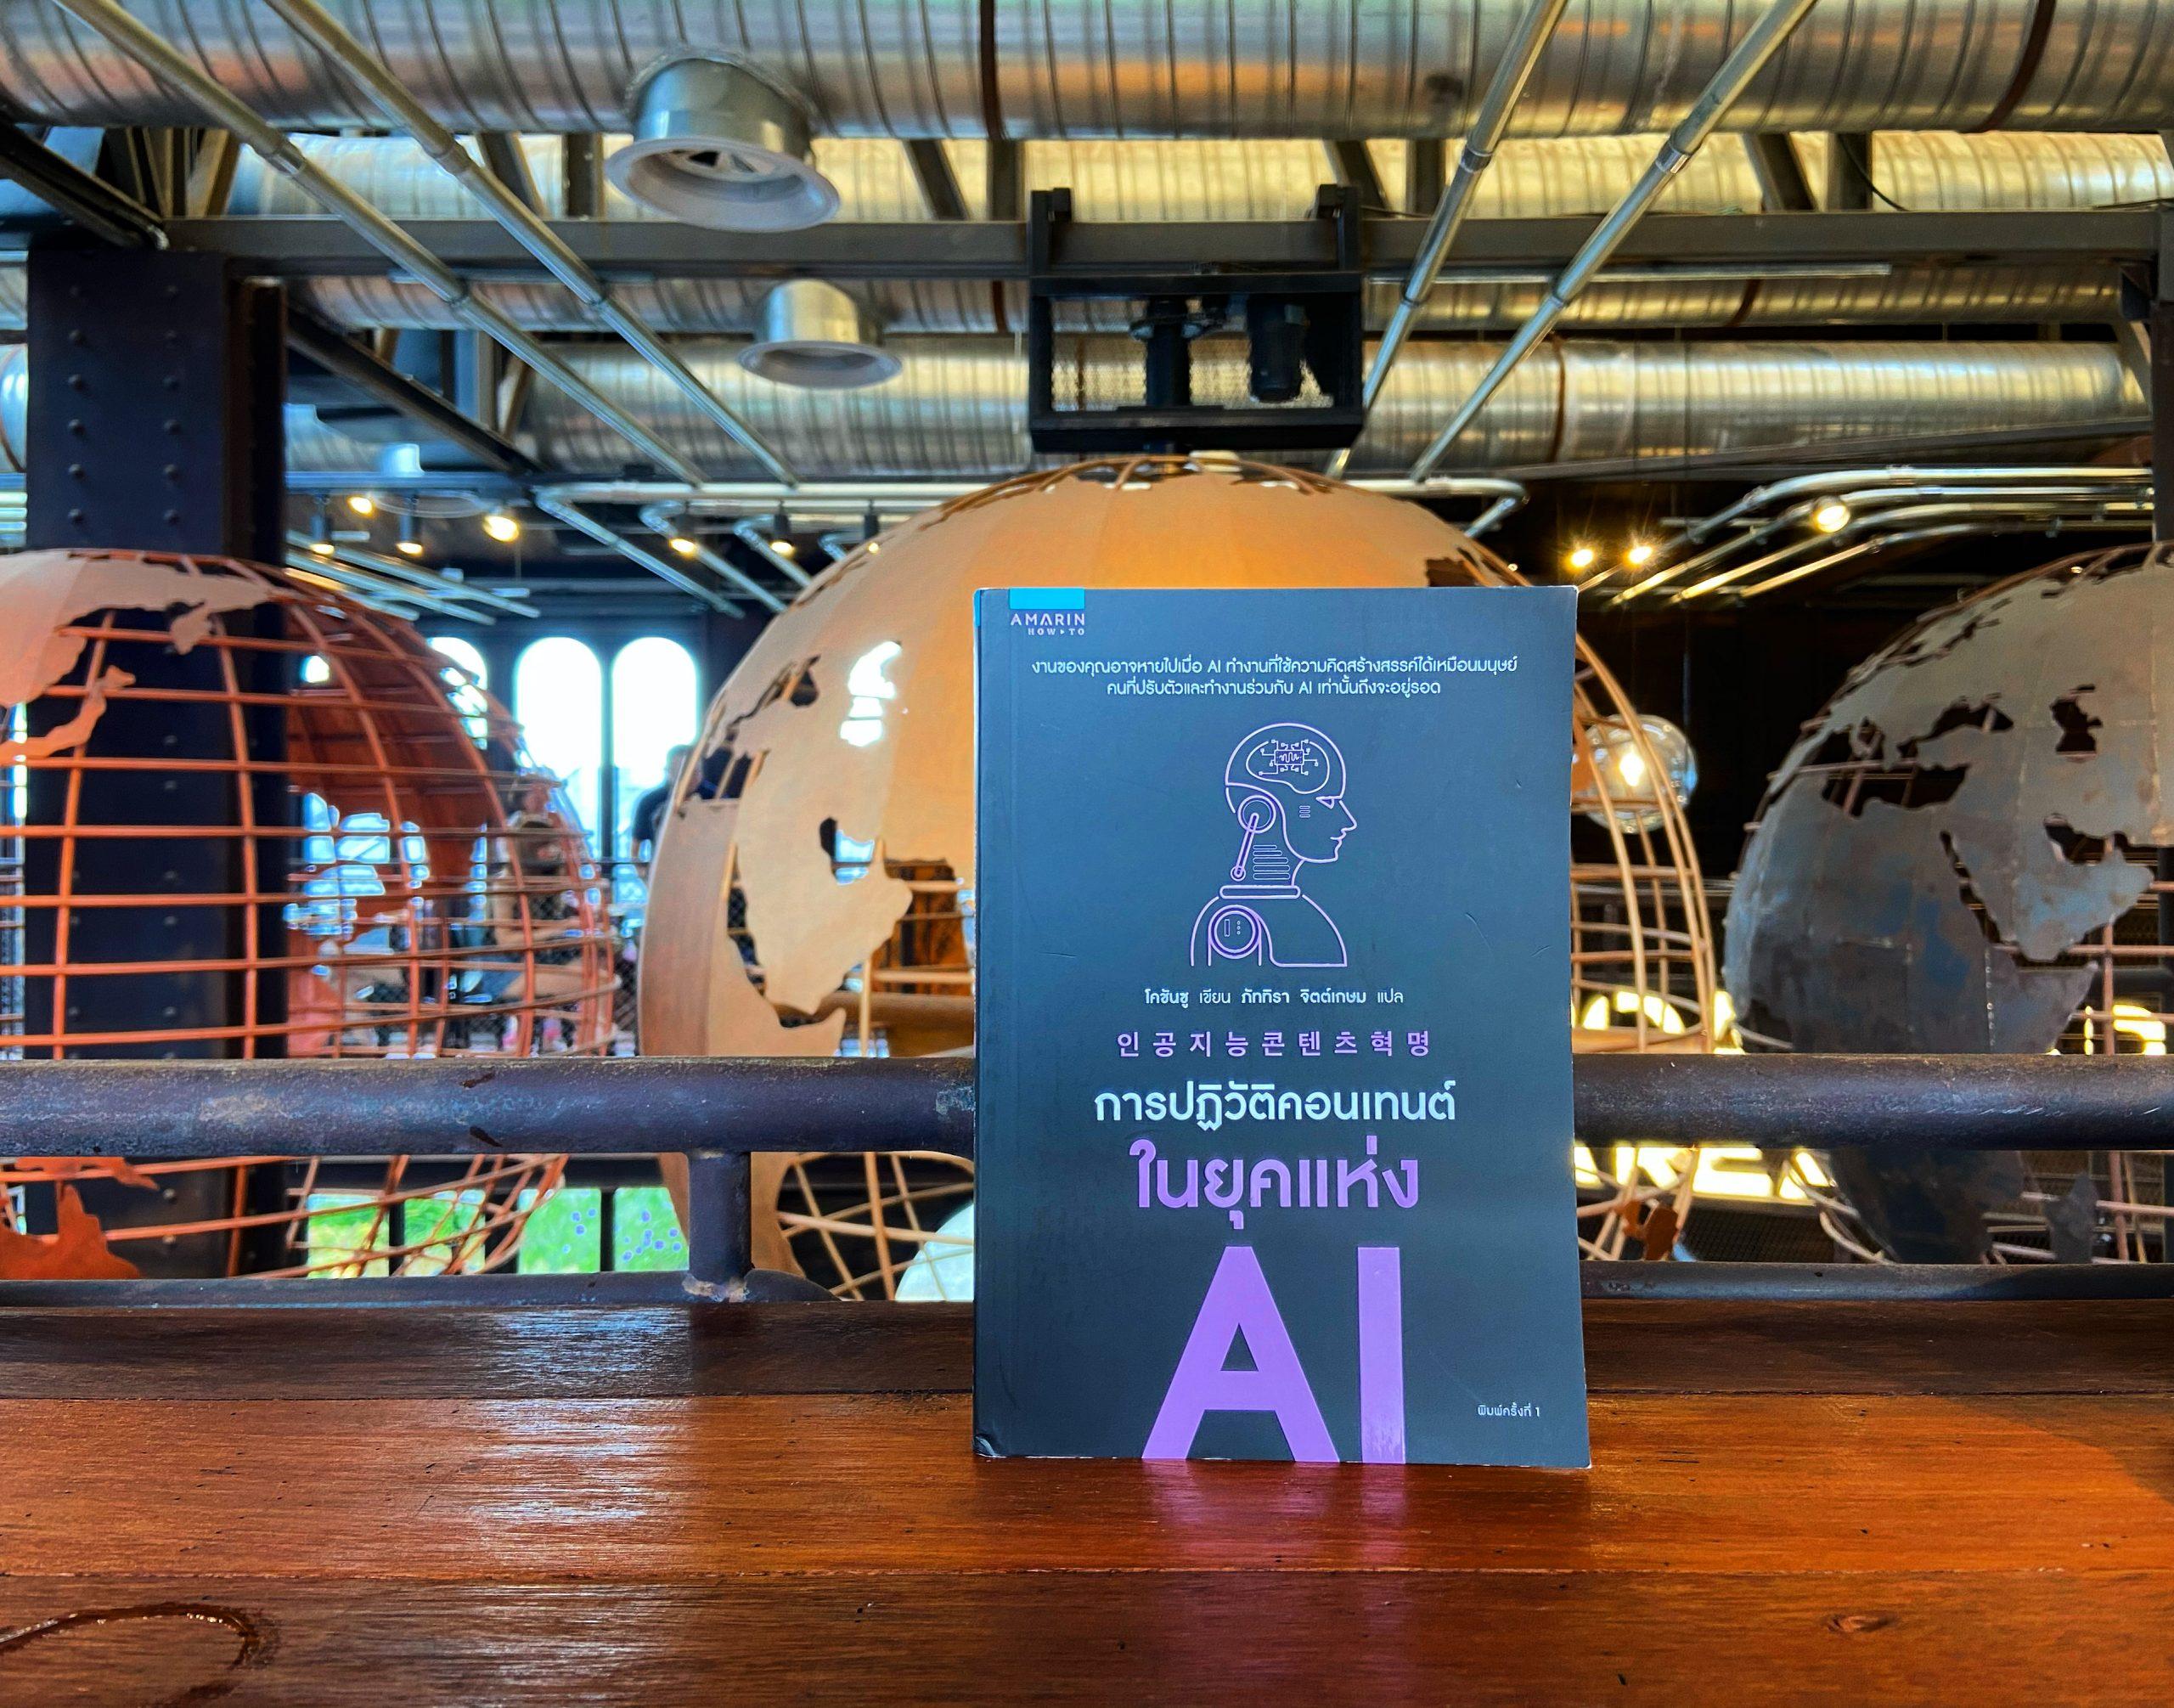 สรุปหนังสือการปฏิวัติคอนเทนต์(Content & Creativity)ในยุคแห่ง AI เมื่อนิยามของความคิดสร้างสรรค์จะเปลี่ยนไปกลายเป็น Pattern ที่ AI ทำซ้ำได้